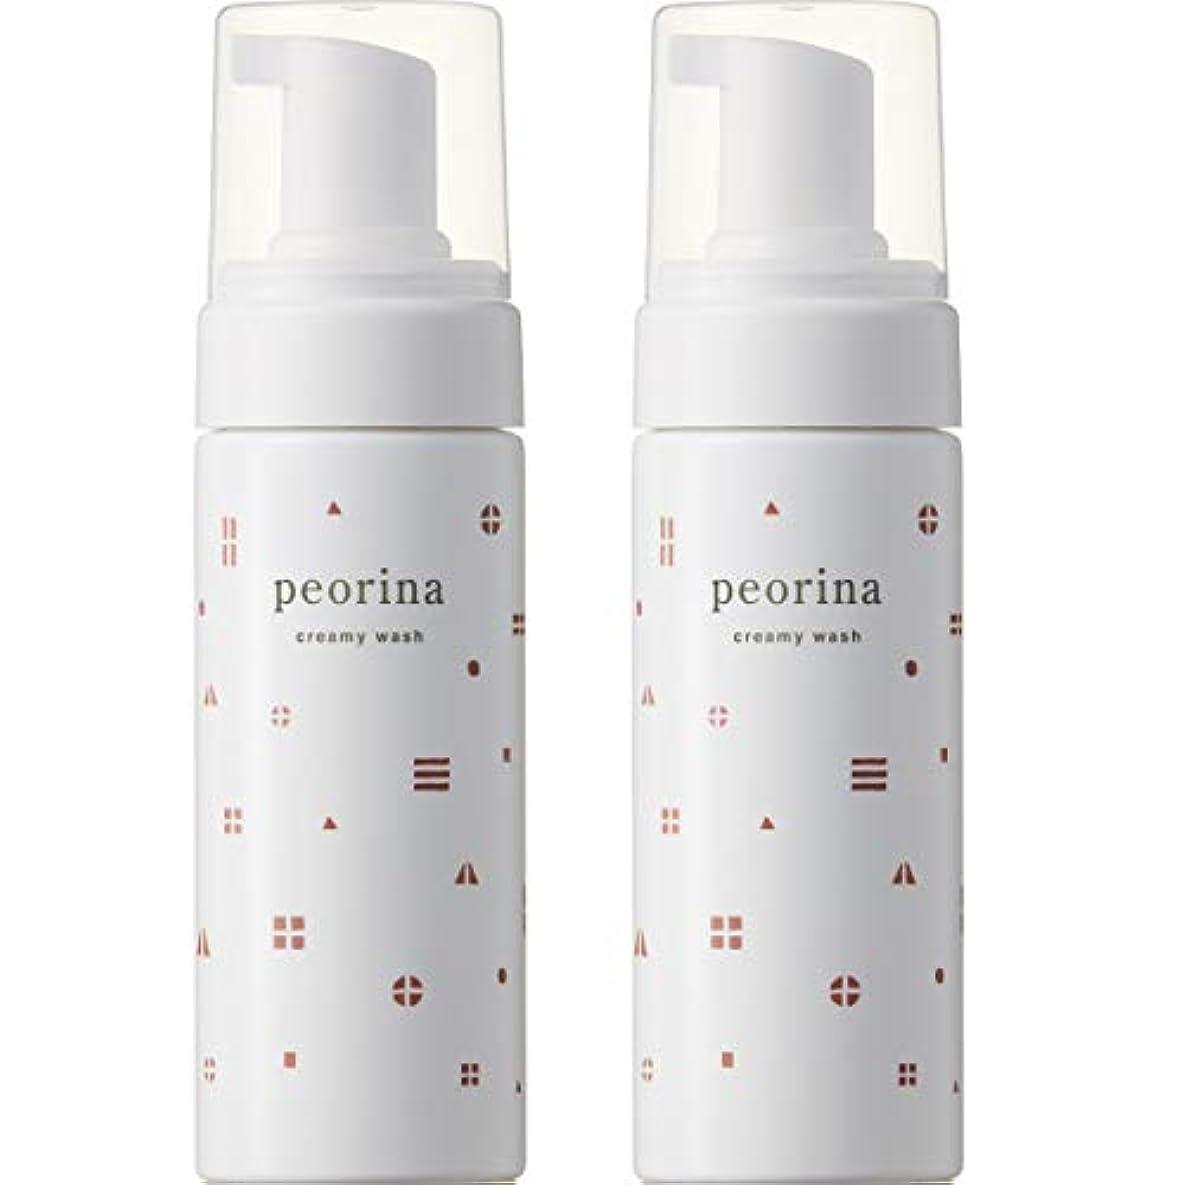 ピラミッドバレエ値ピオリナ クリーミーウォッシュ 2個セット 泡洗顔料 スキンケア 美肌 高保湿 セラミド 乾燥肌 敏感肌 ニキビ 赤ら顔 ヒト型セラミド